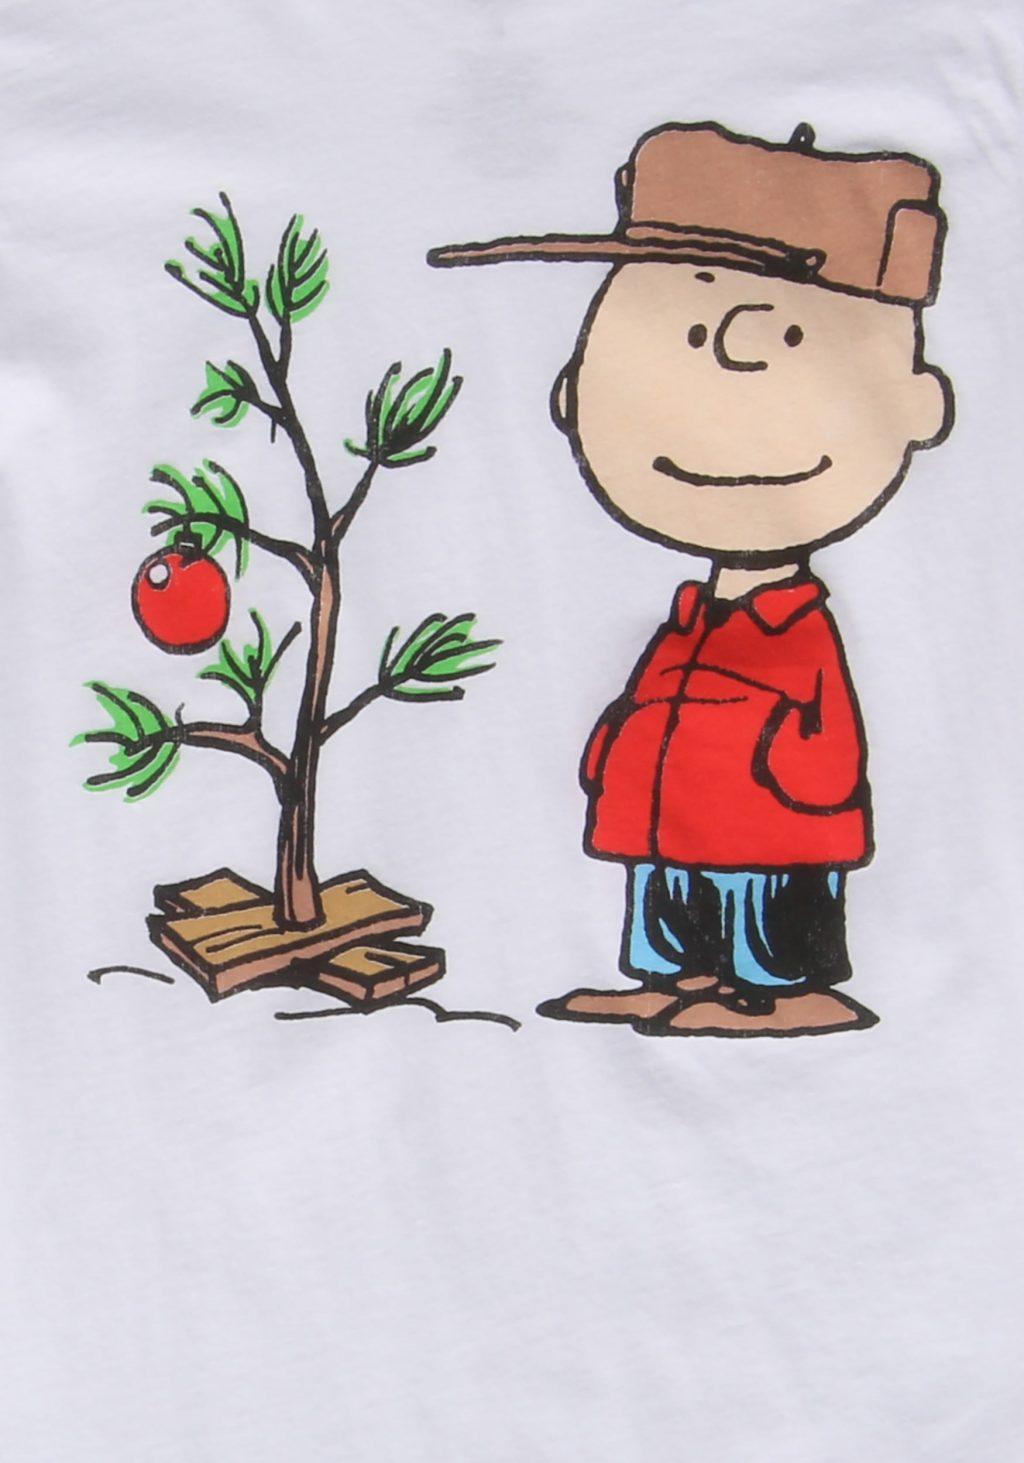 Charlie Brown Christmas Tree Wallpapers Charlie Brown Christmas